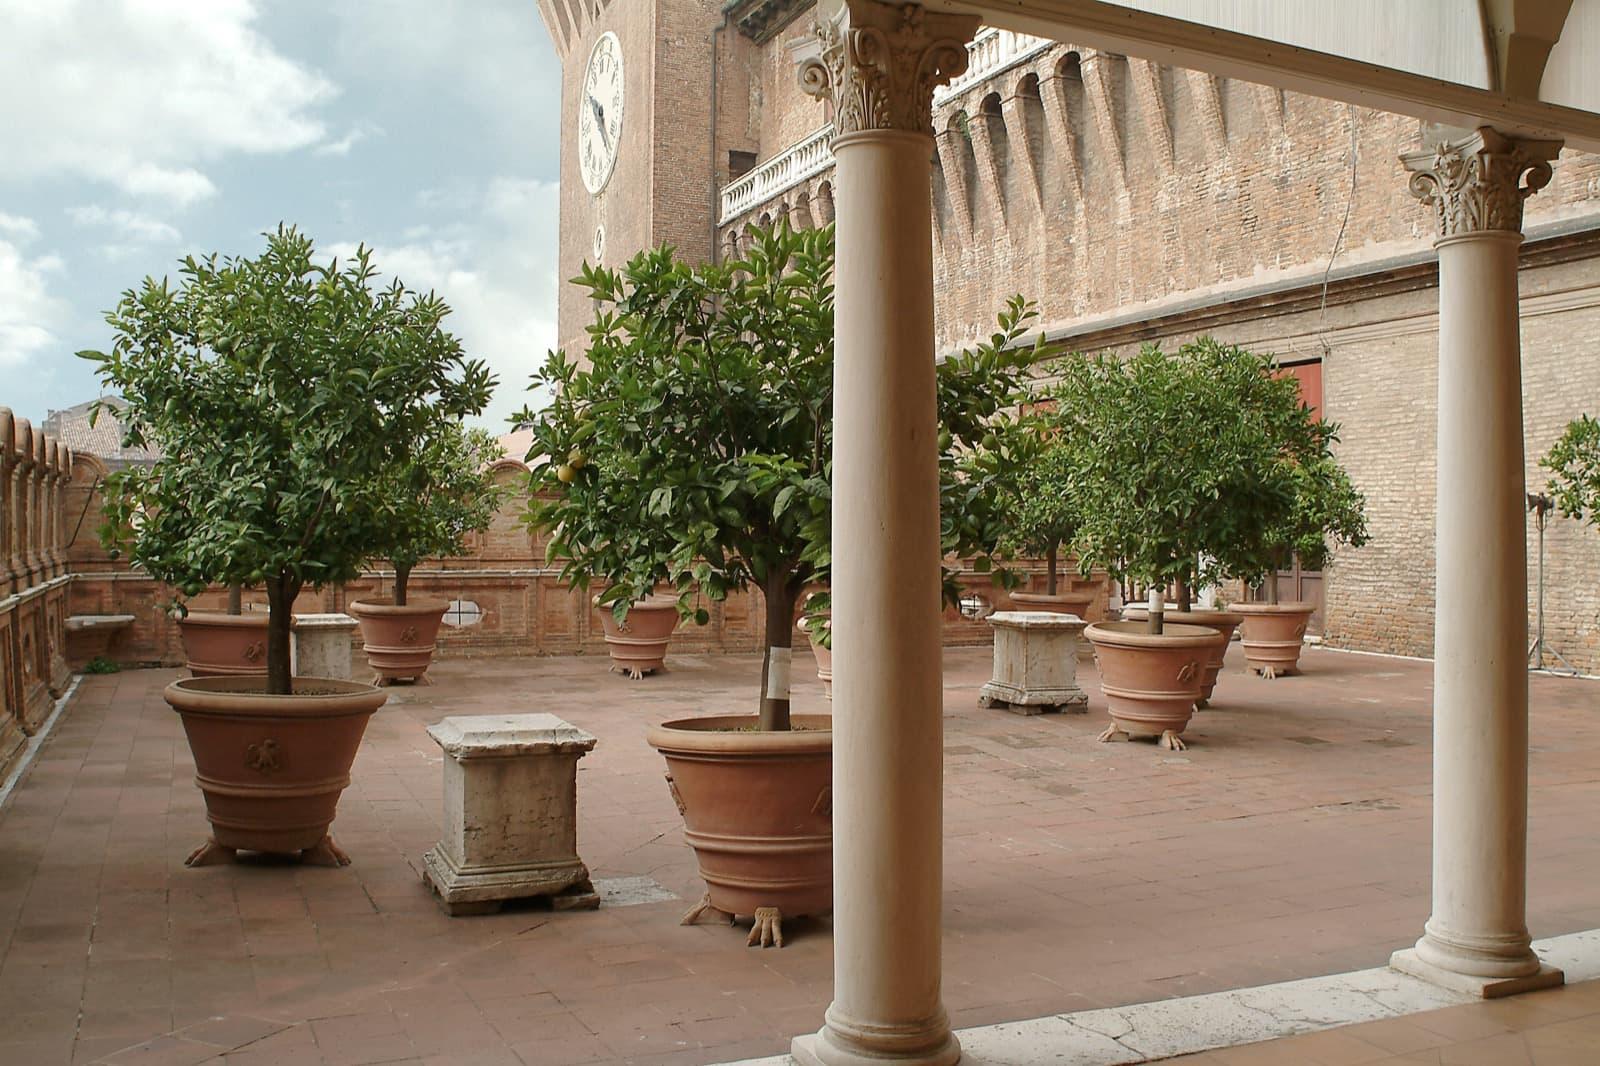 [ParlamiditER] Ferrara, intrighi rinascimentali alla corte degli Estensi